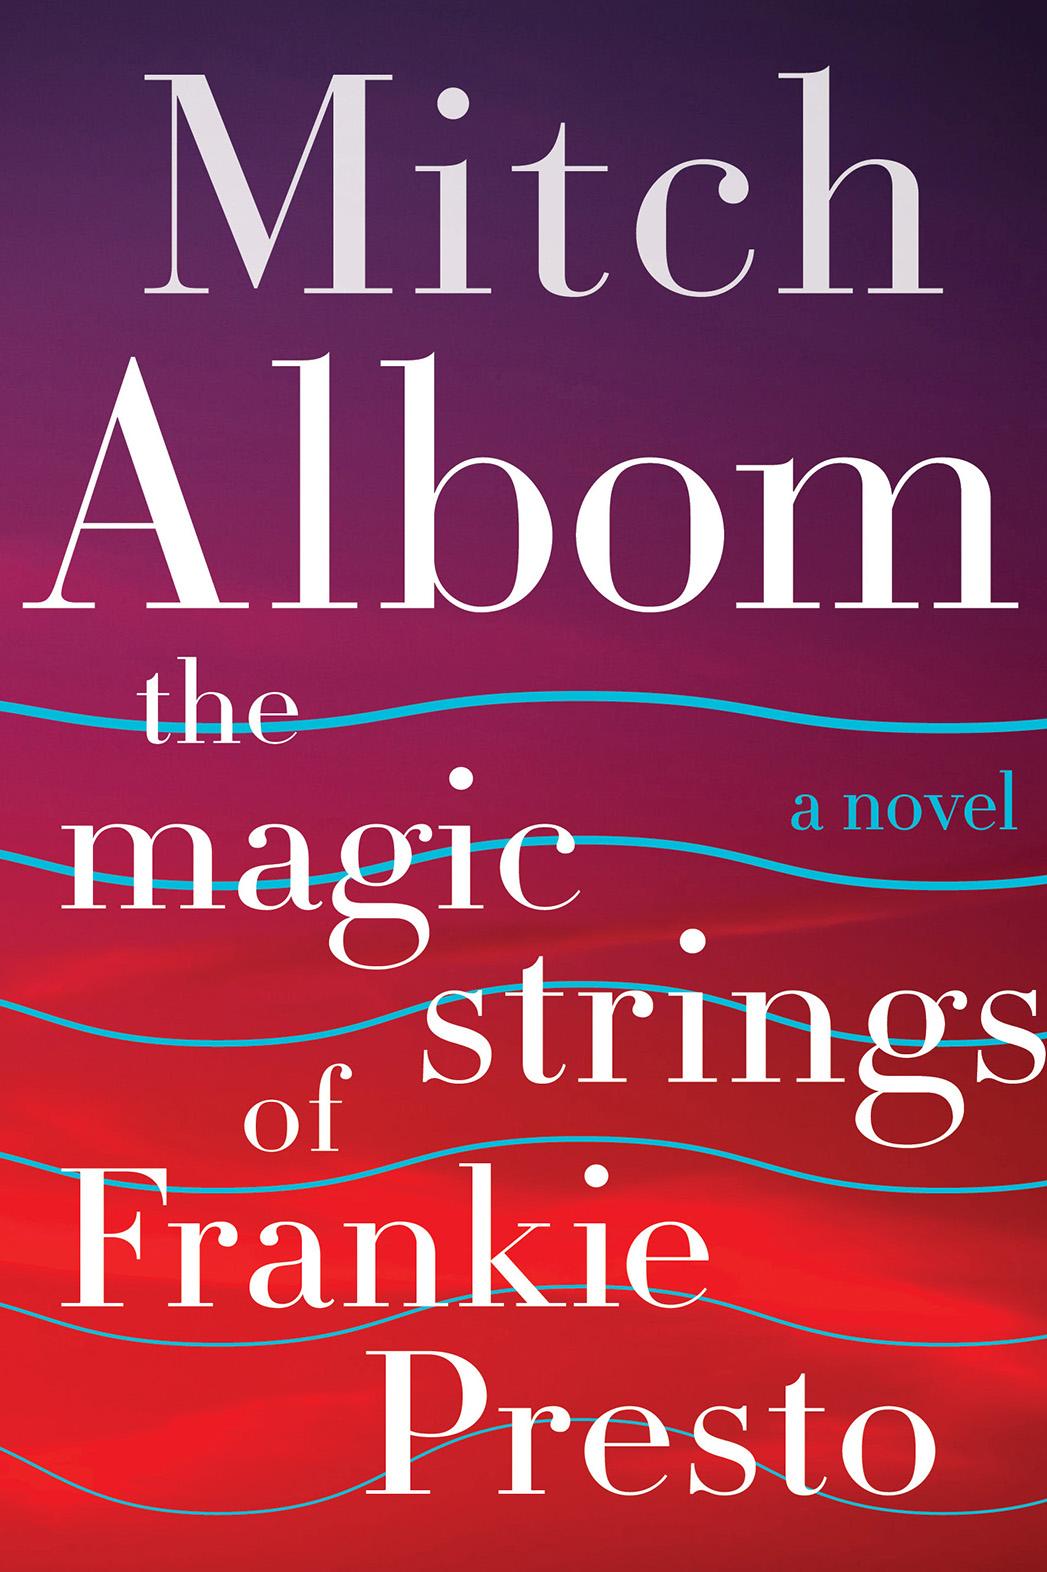 The Magic Strings of Frankie Presto - P 2015